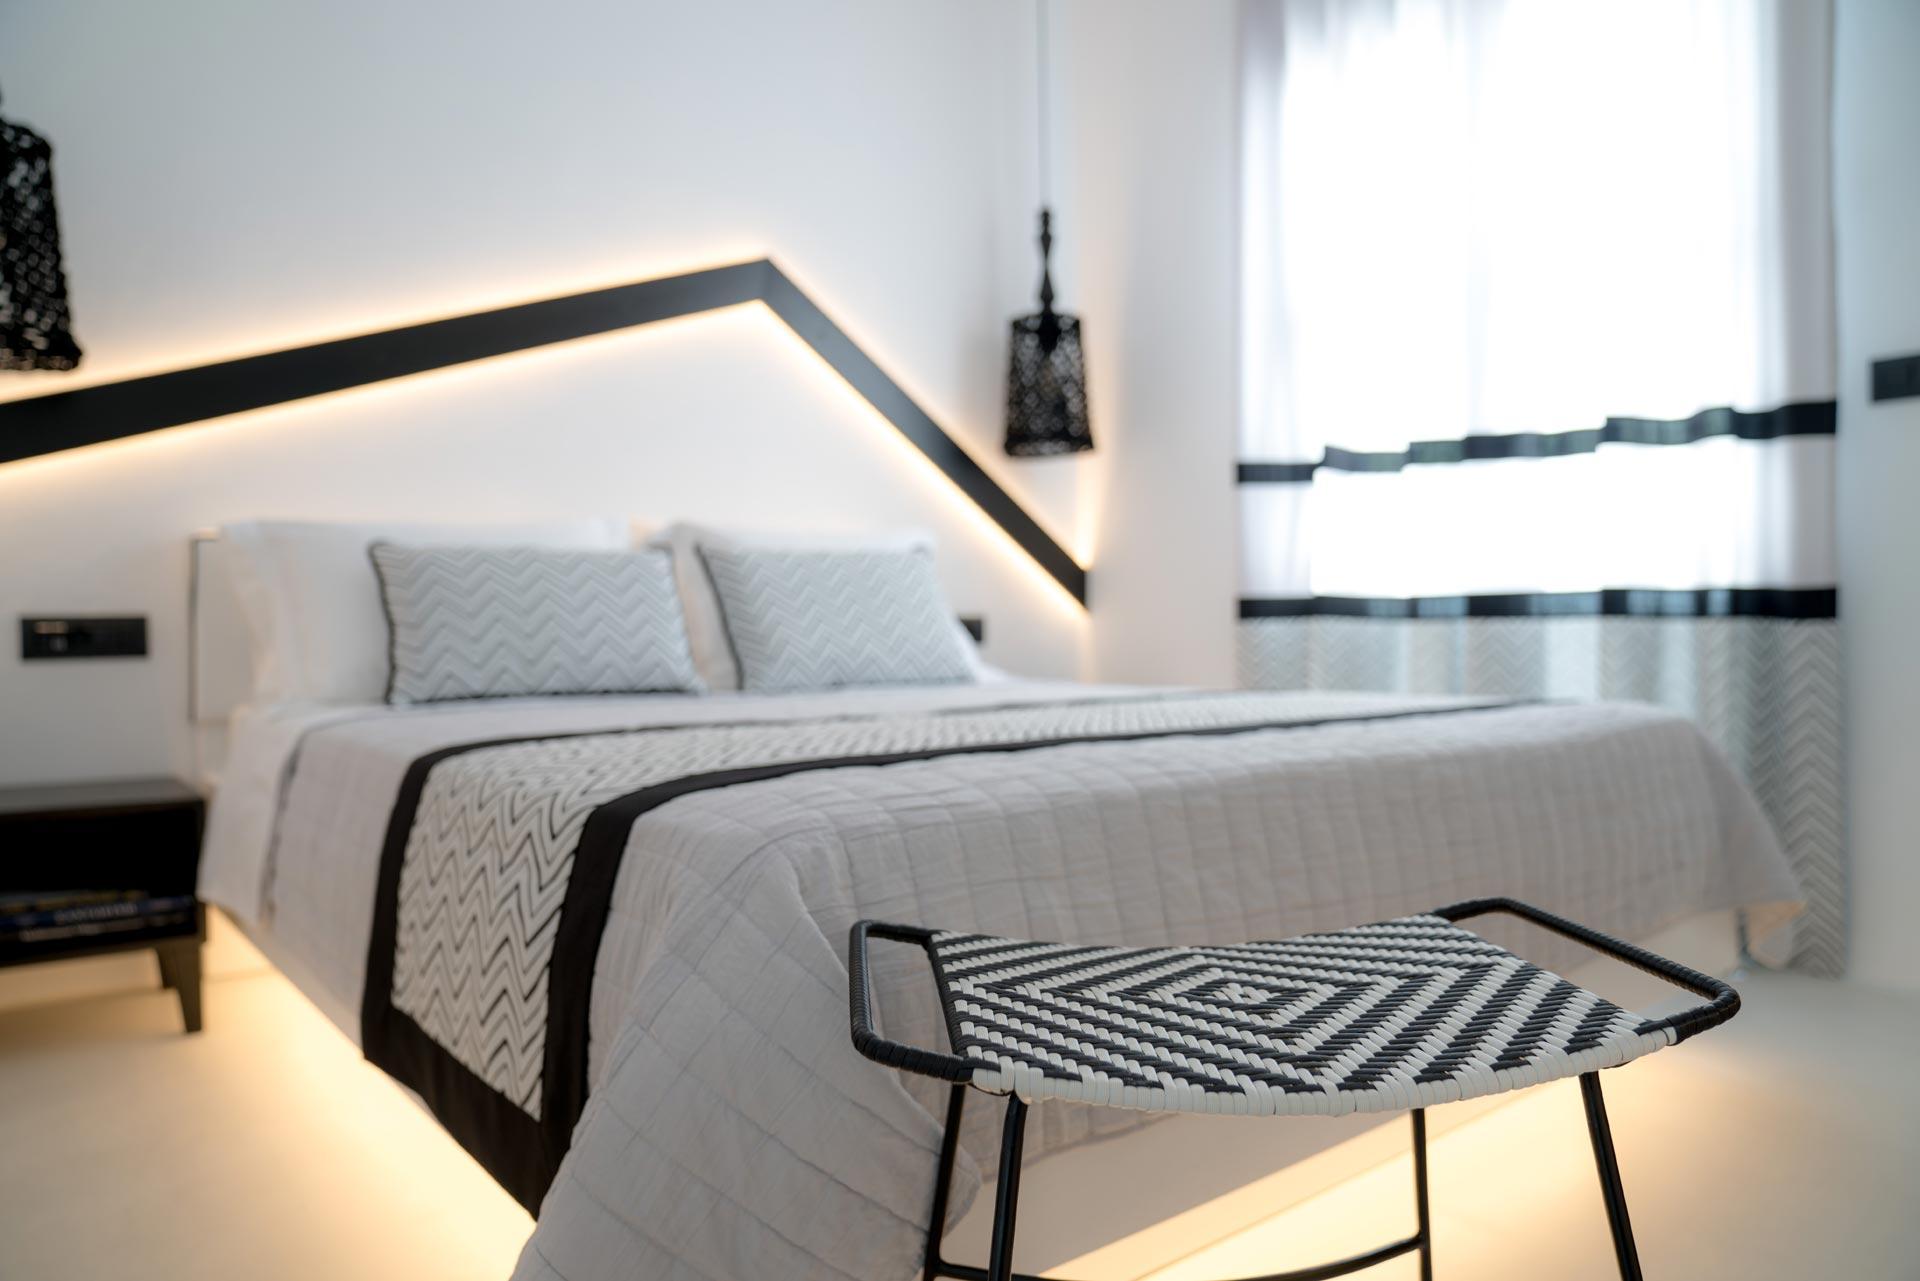 divelia-hotel-bedroom